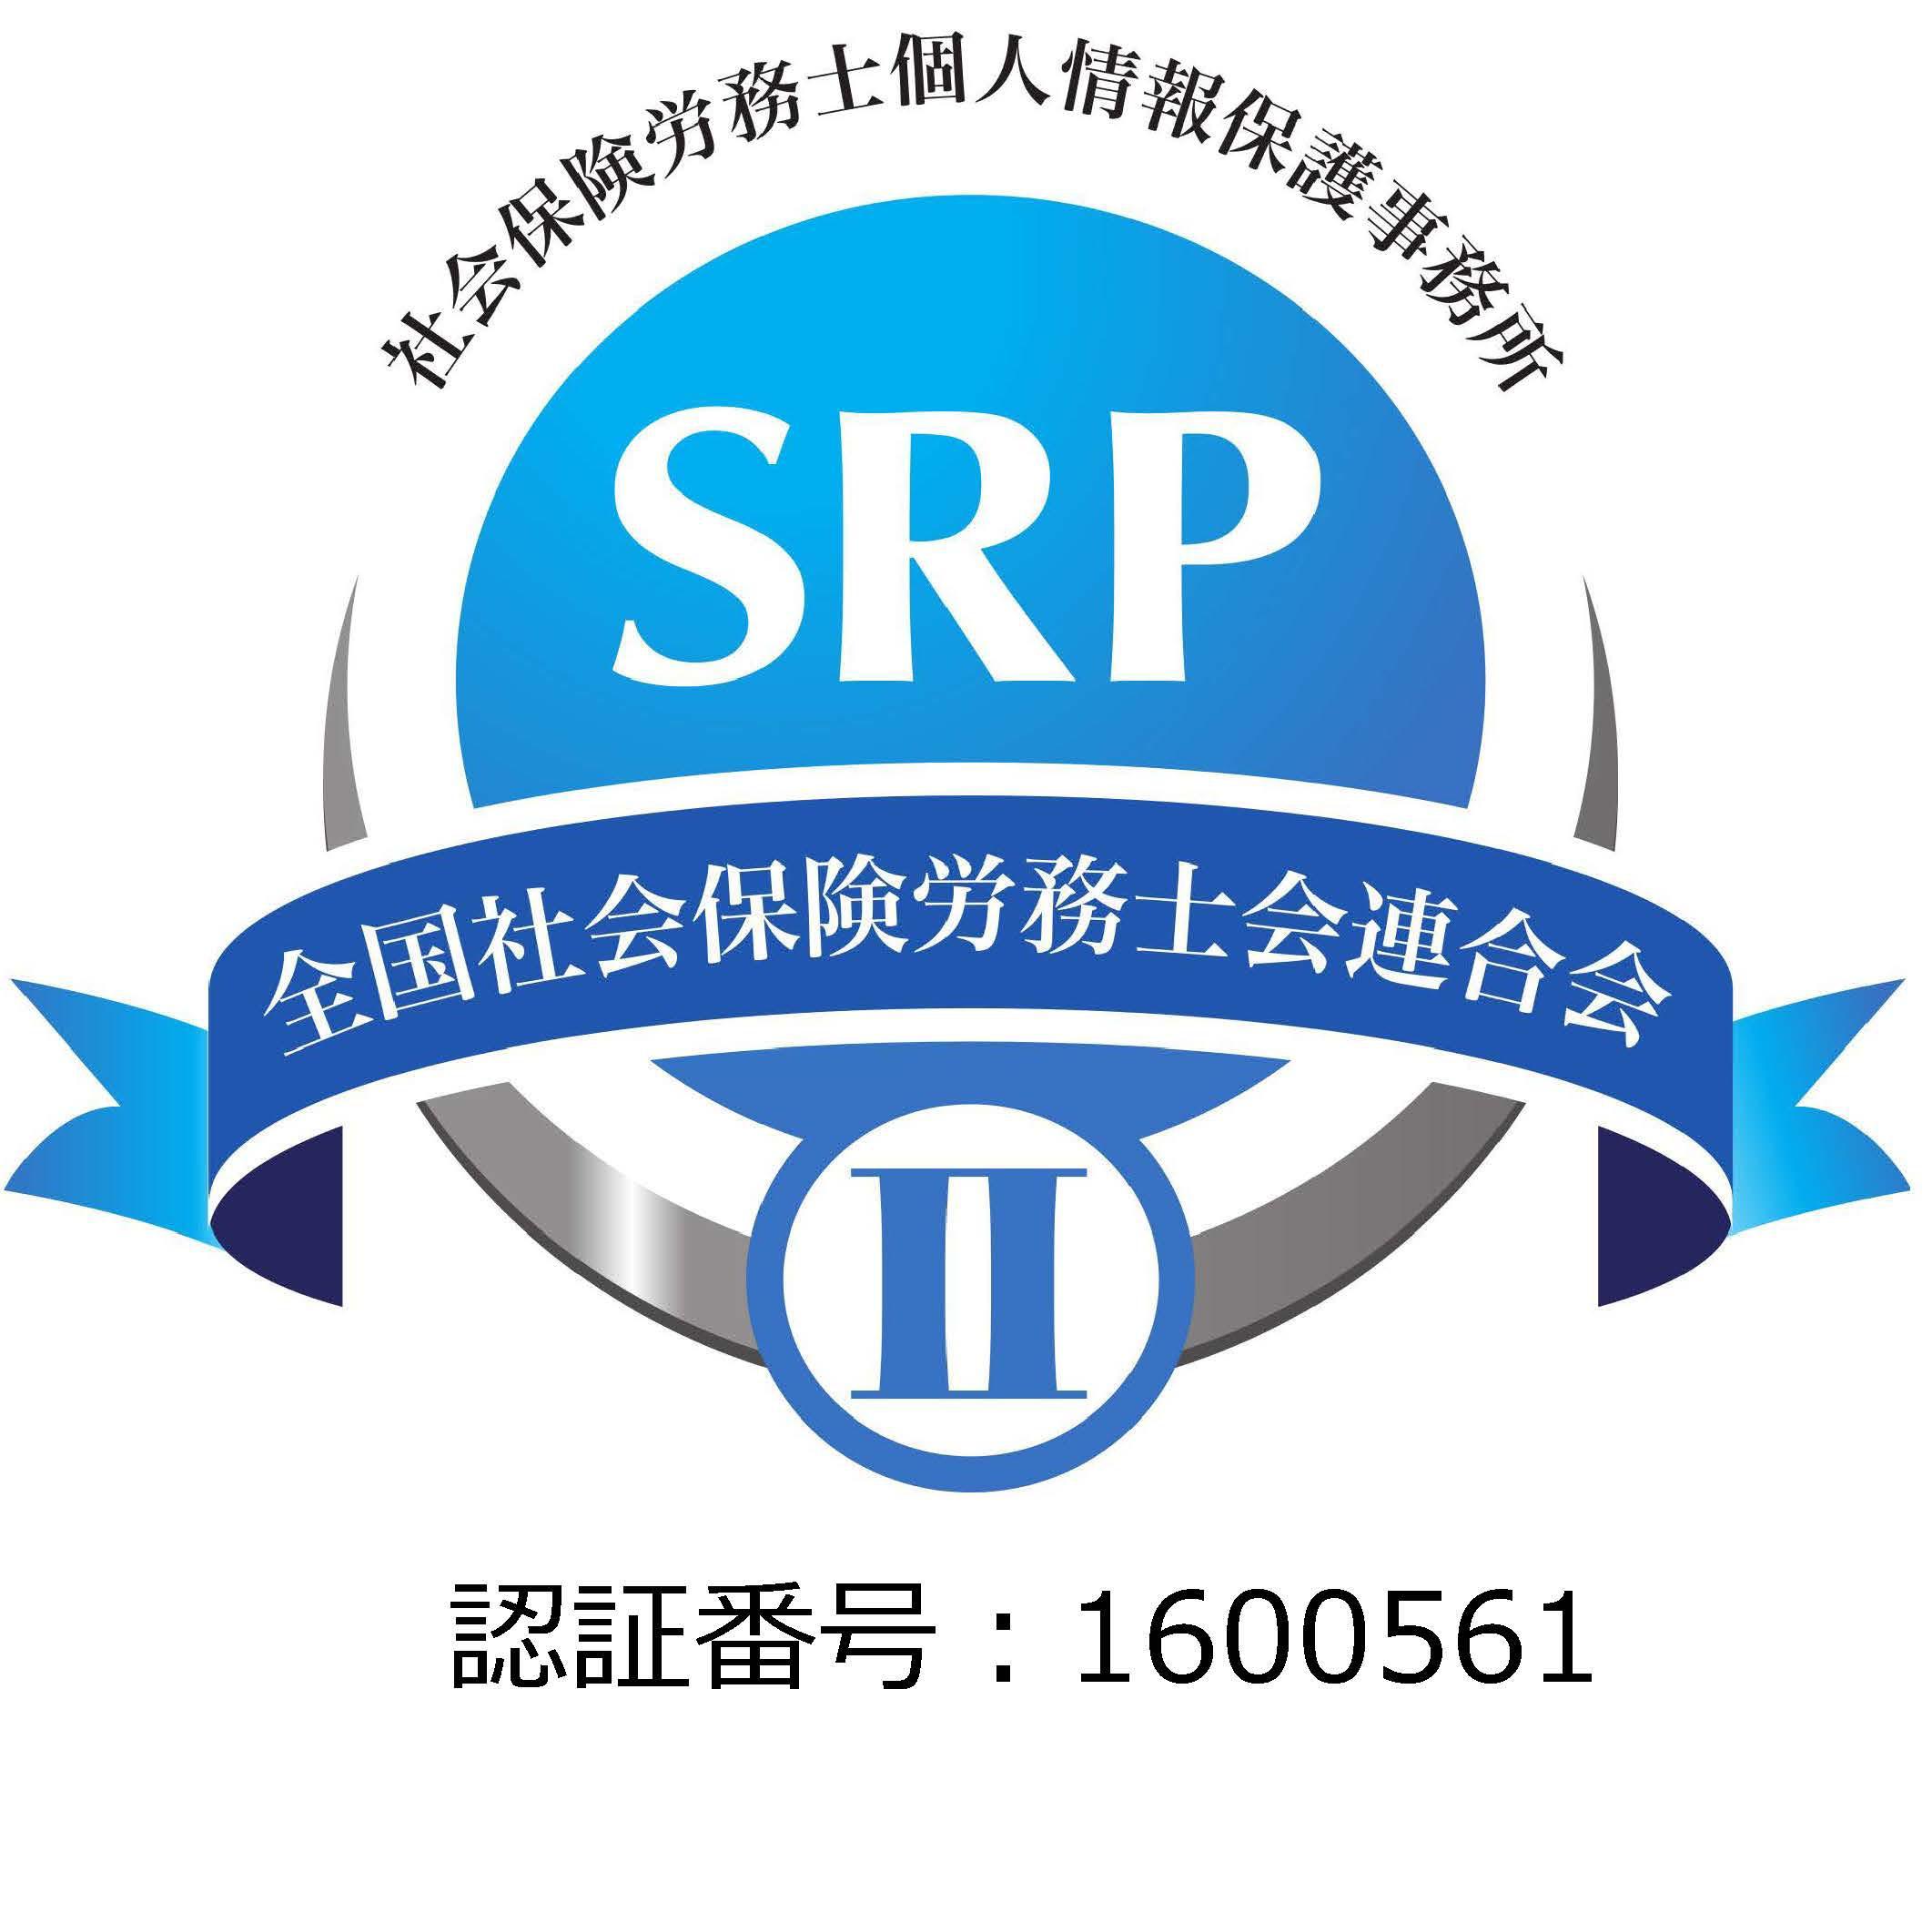 社会保険労務士SRP認証